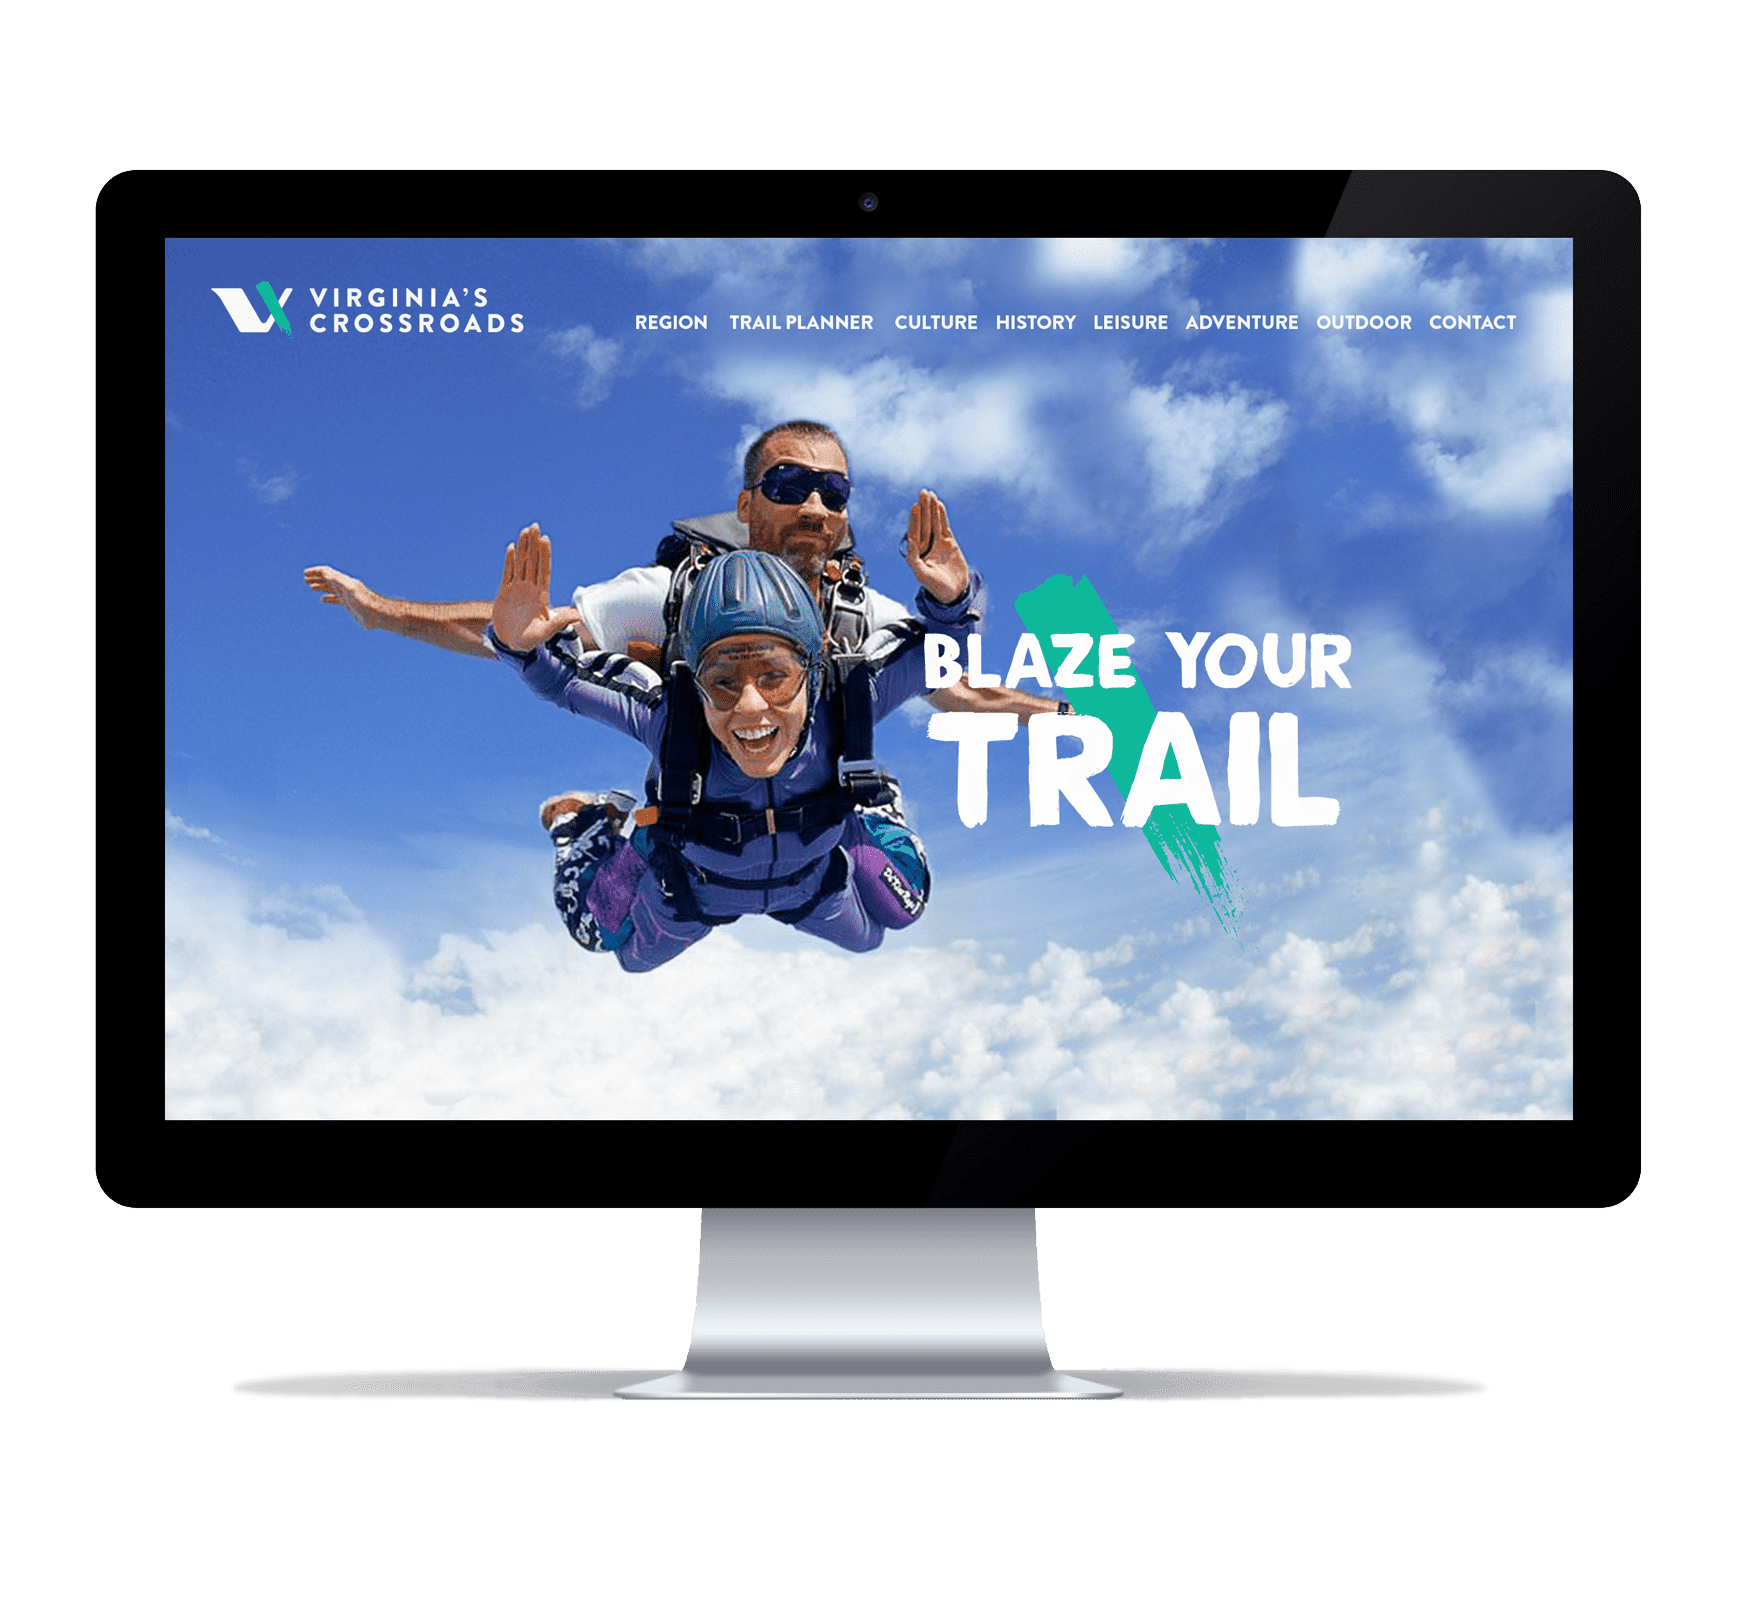 Virginia's Crossroads Website Screenshot